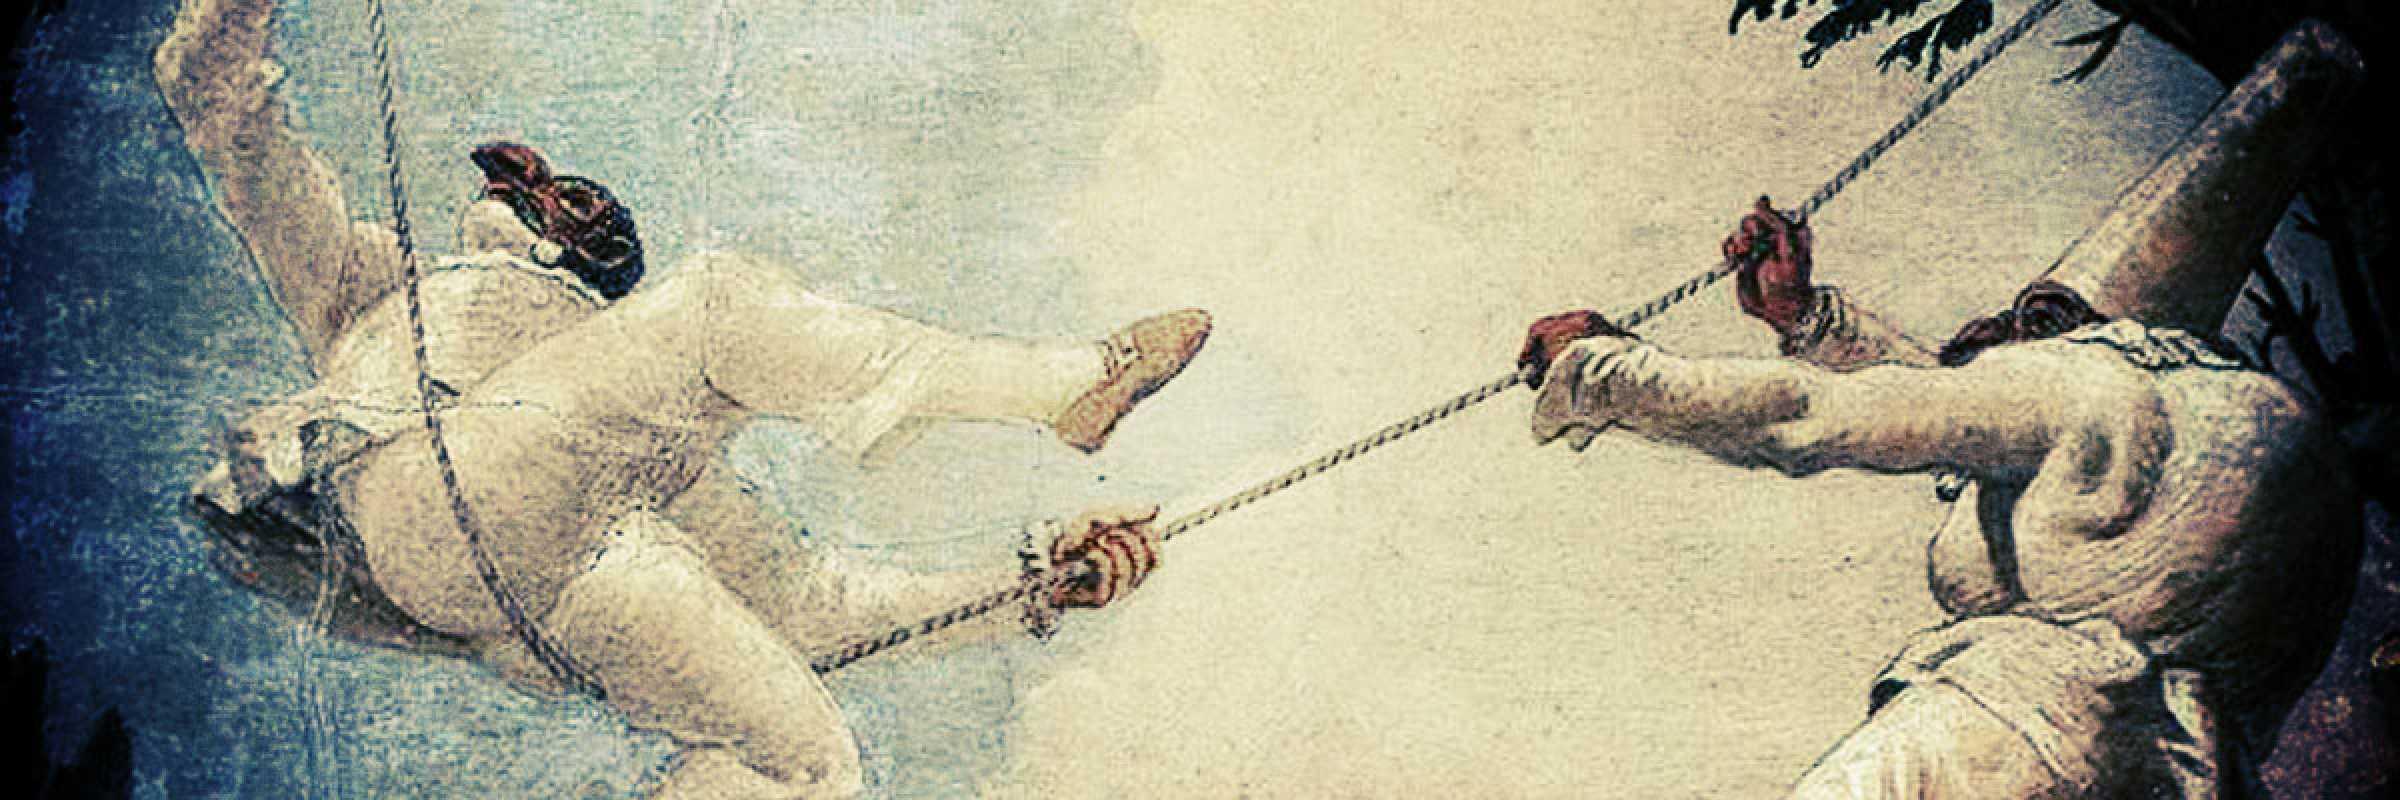 """Porzione dell'affresco """"L'altalena di Pulcinella"""" di Giandomenico Tiepolo realizzato nel 1791 - 1793 e conservato nel Museo del Settecento Veneziano, a Cà Rezzonico."""